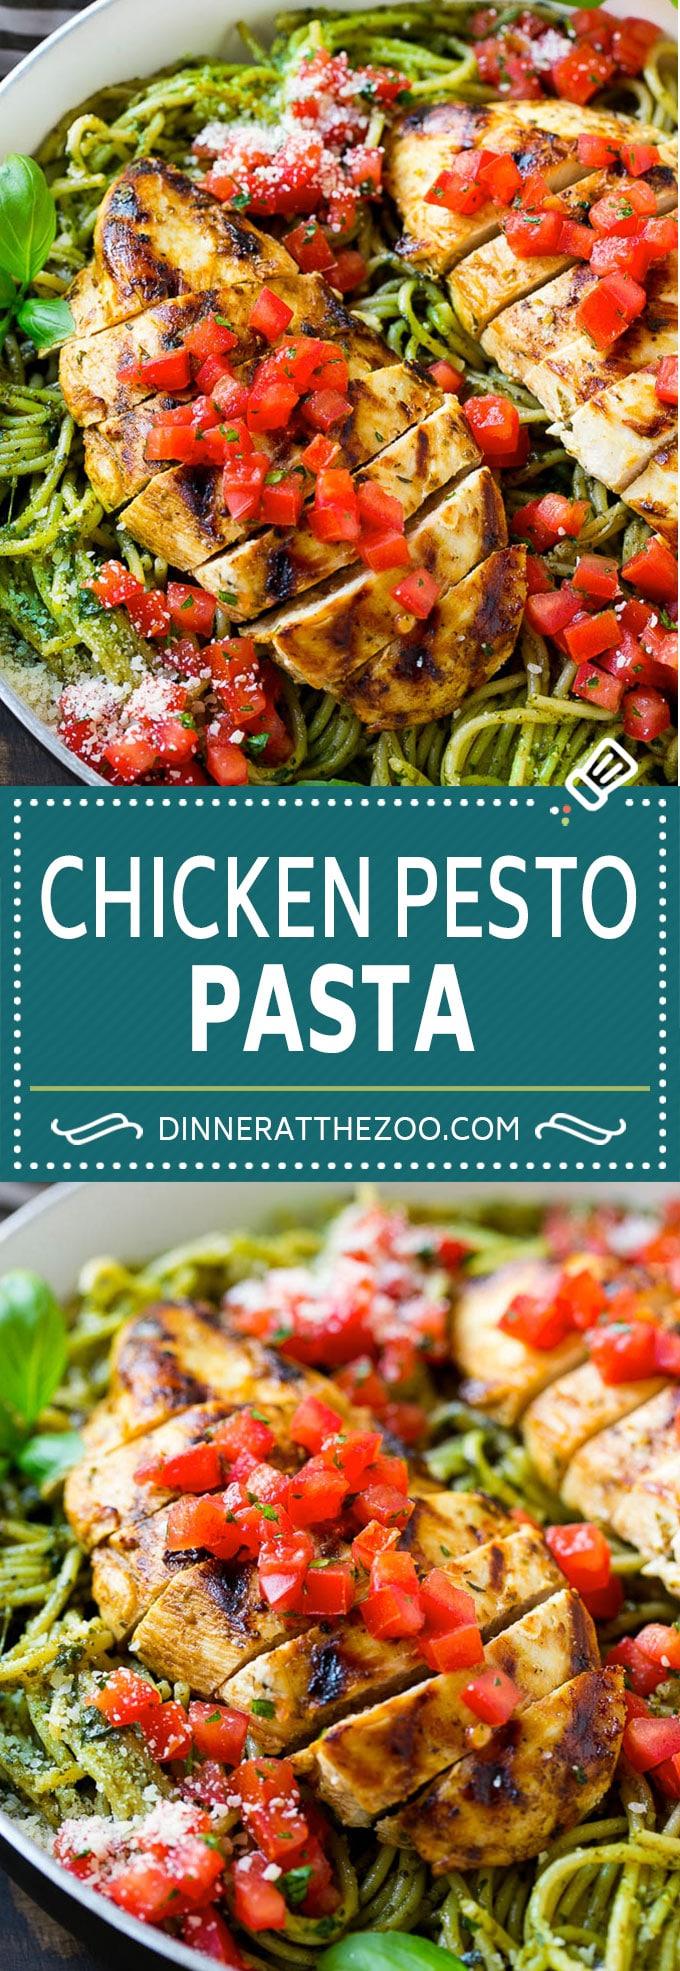 Chicken Pesto Pasta Recipe | Pesto Pasta with Chicken | Pasta with Pesto Sauce #chicken #pesto #pasta #dinner #dinneratthezoo